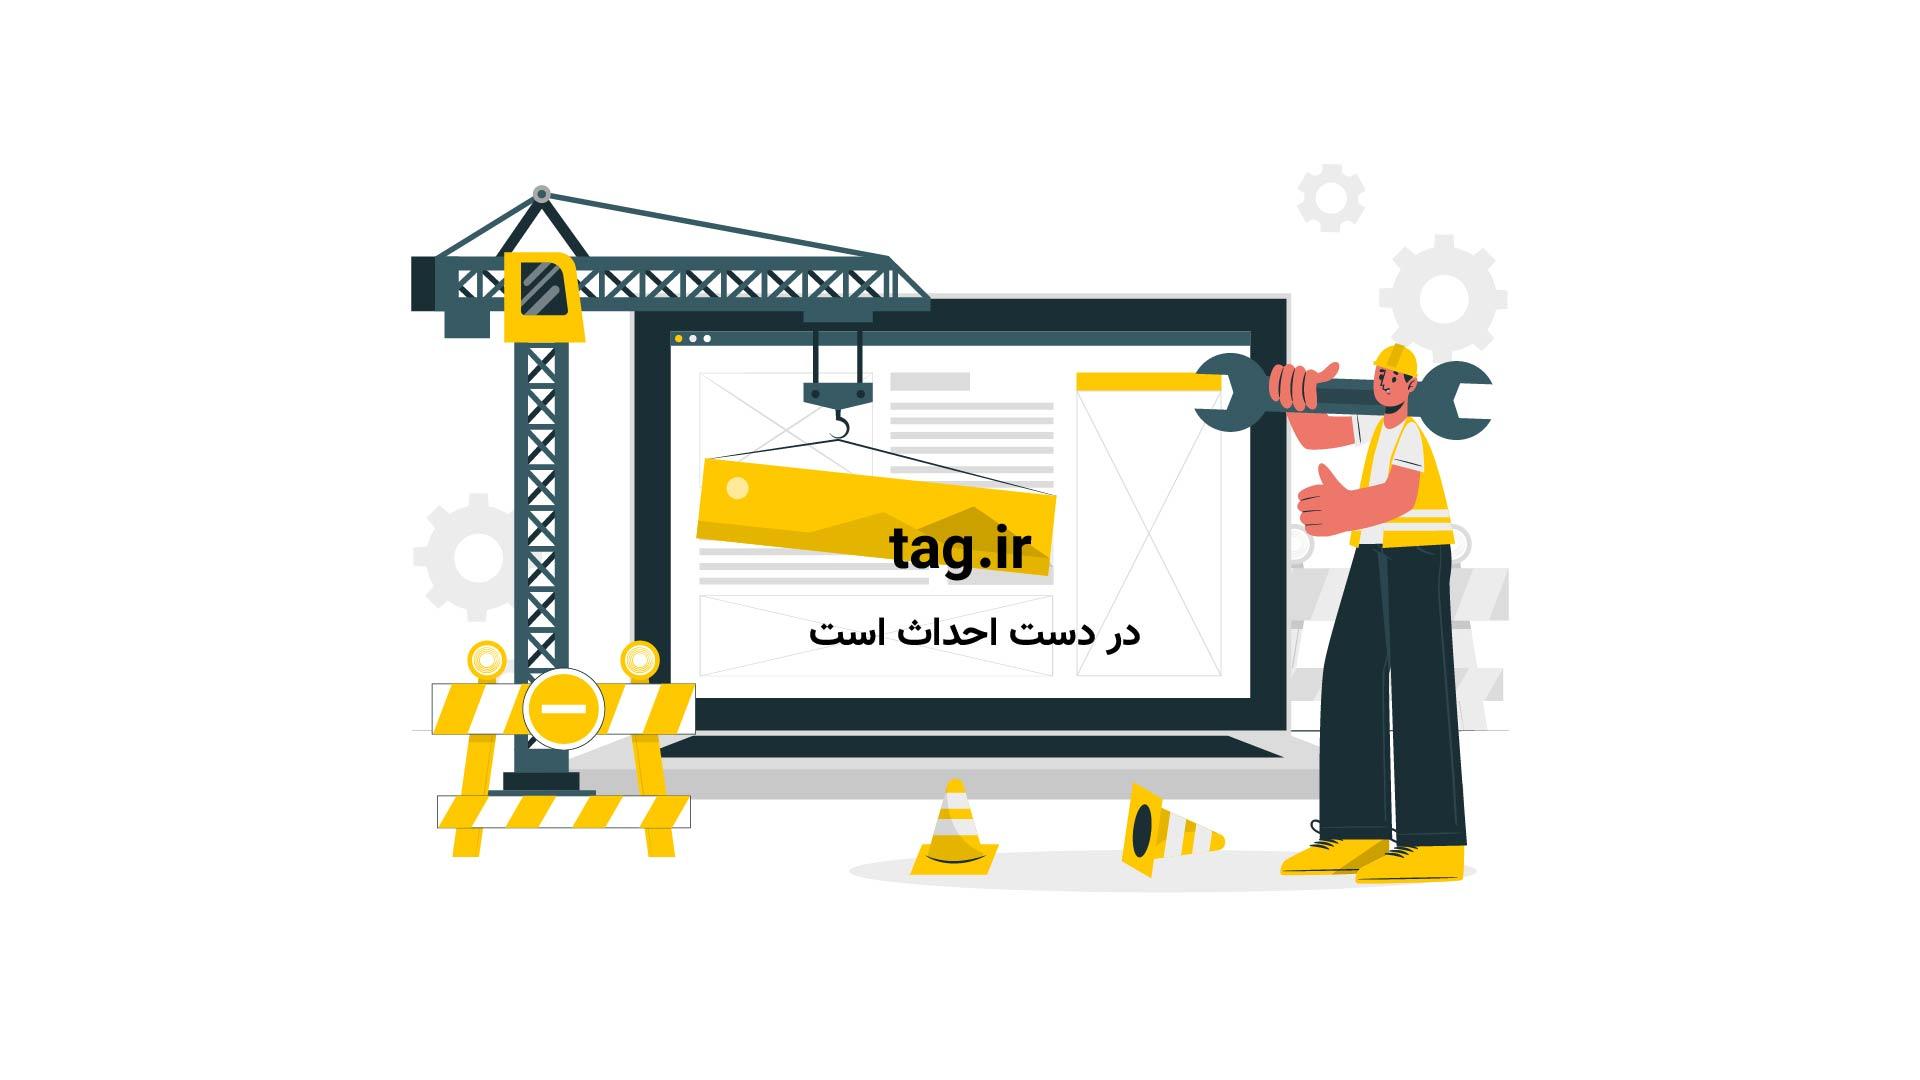 نماهنگ فصل بارون به مناسبت شهادت امام حسین (ع) | تگ